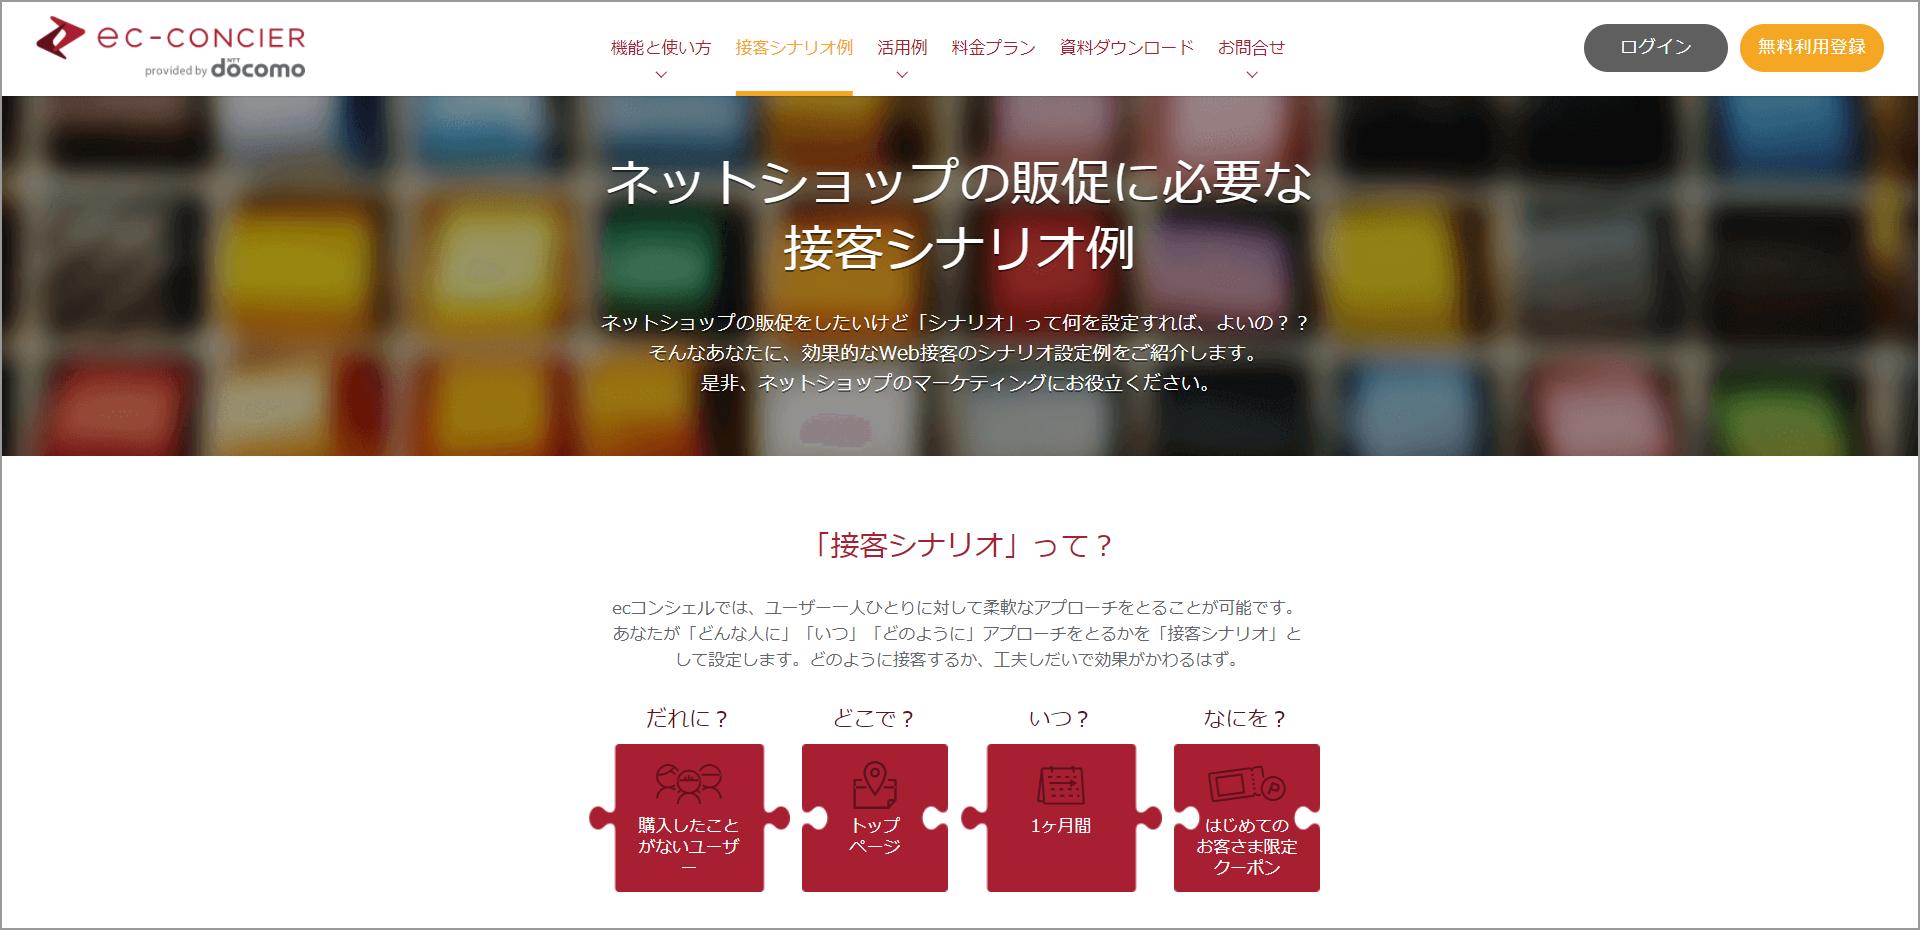 参考サイト:ecコンシェル「ネットショップの販促に必要な接客シナリオ例」Webページ画像